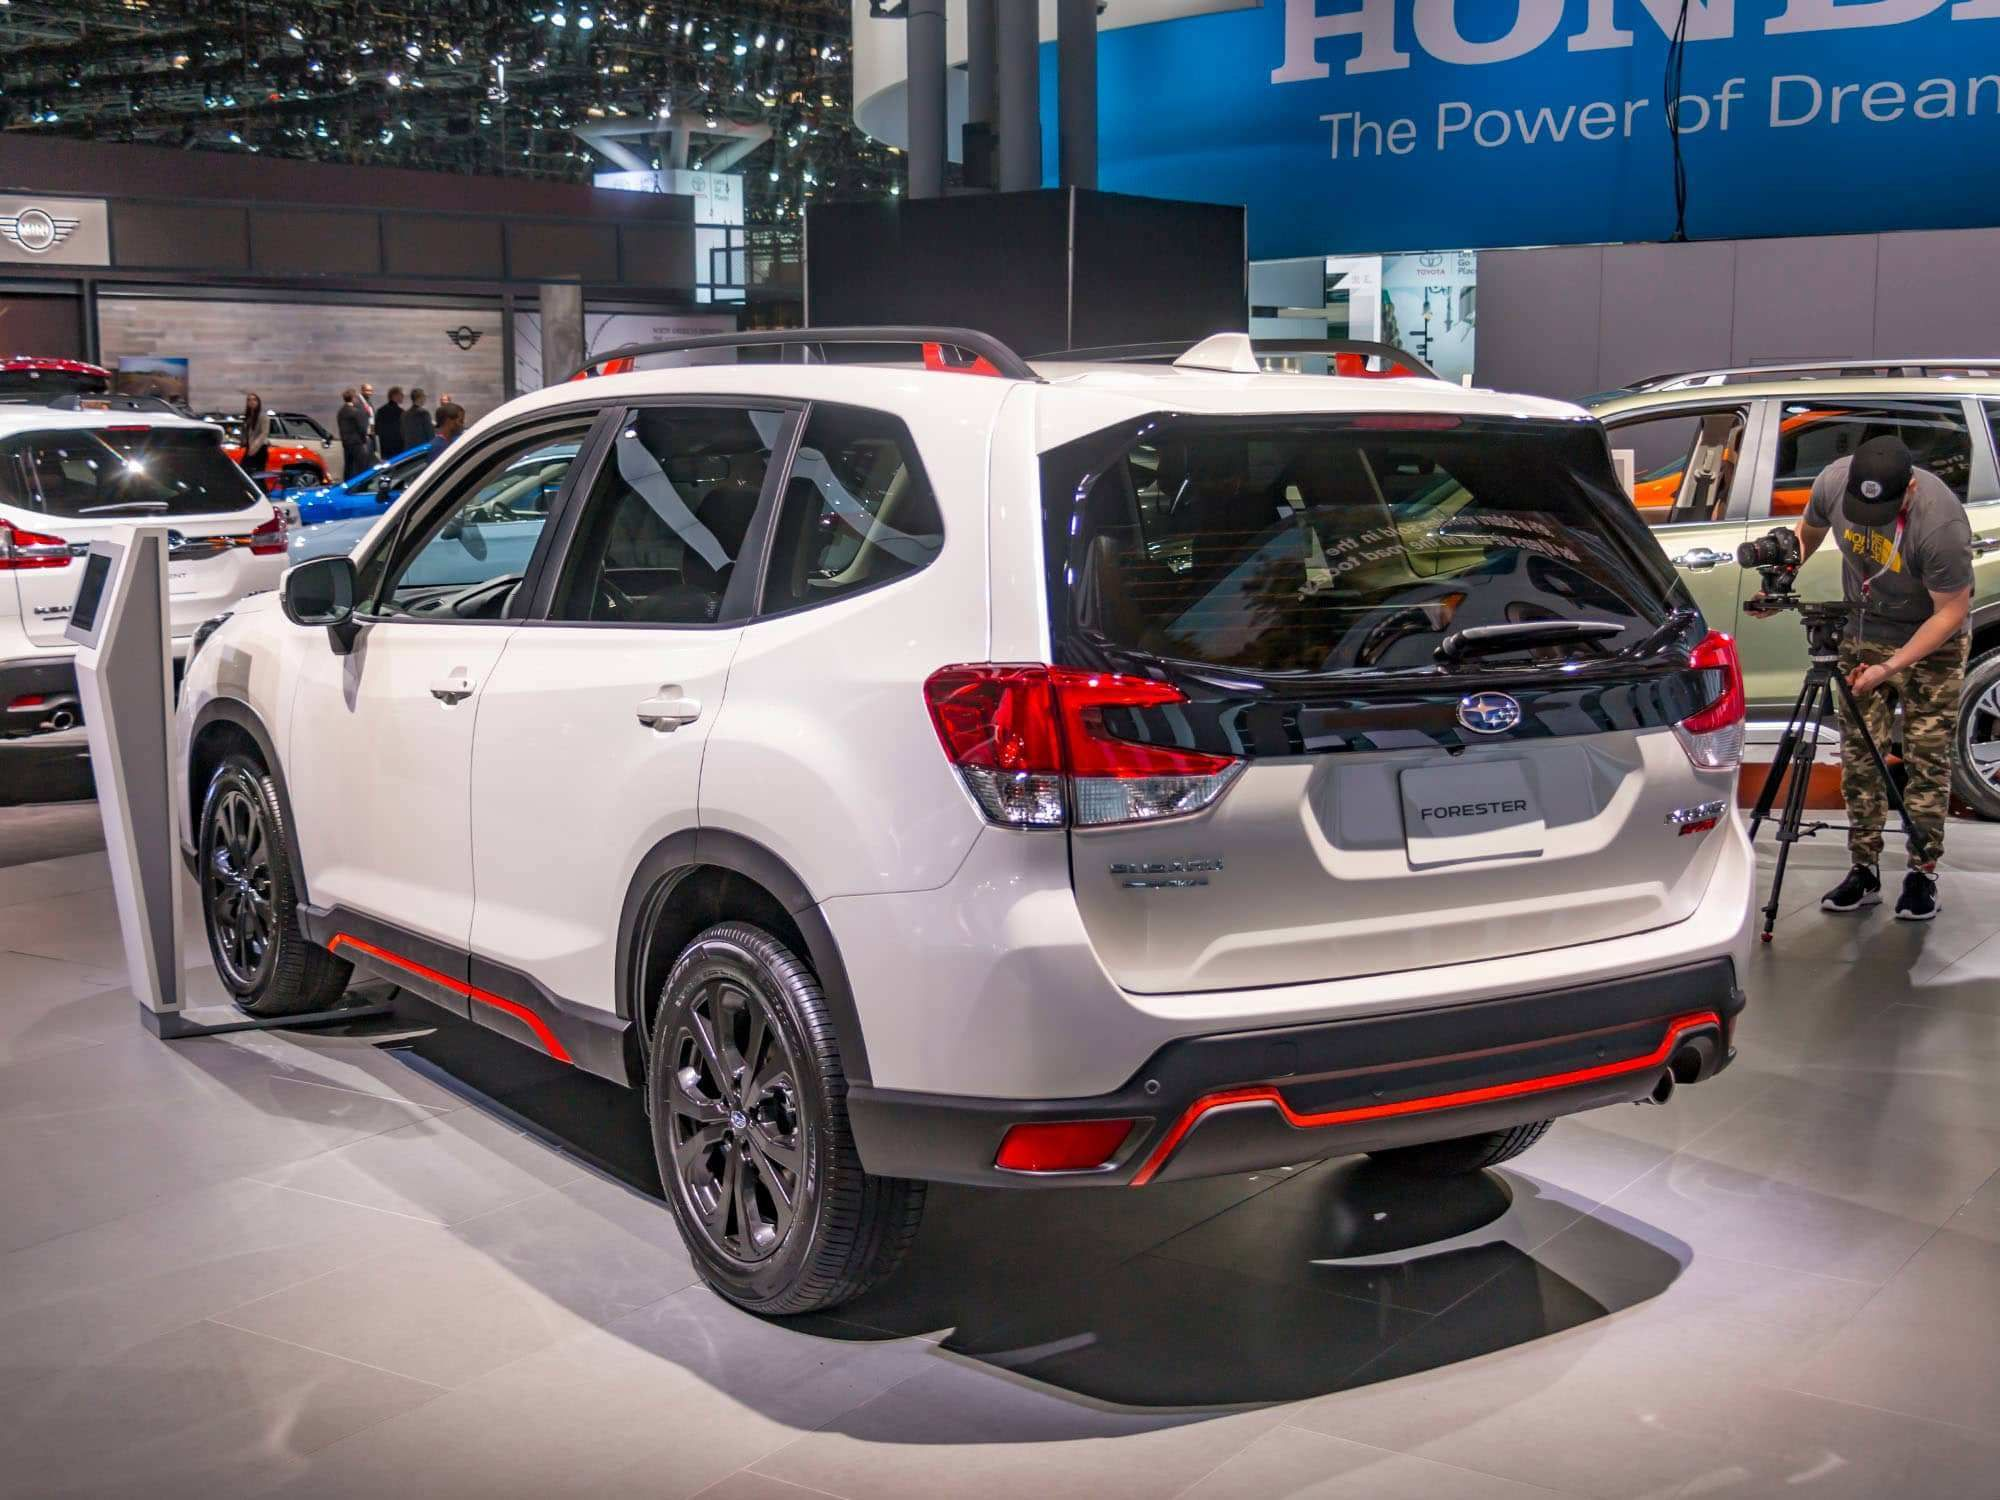 2020 Subaru Forester Kbb Pricing In 2020 Subaru Sport Subaru Forester Subaru Xt